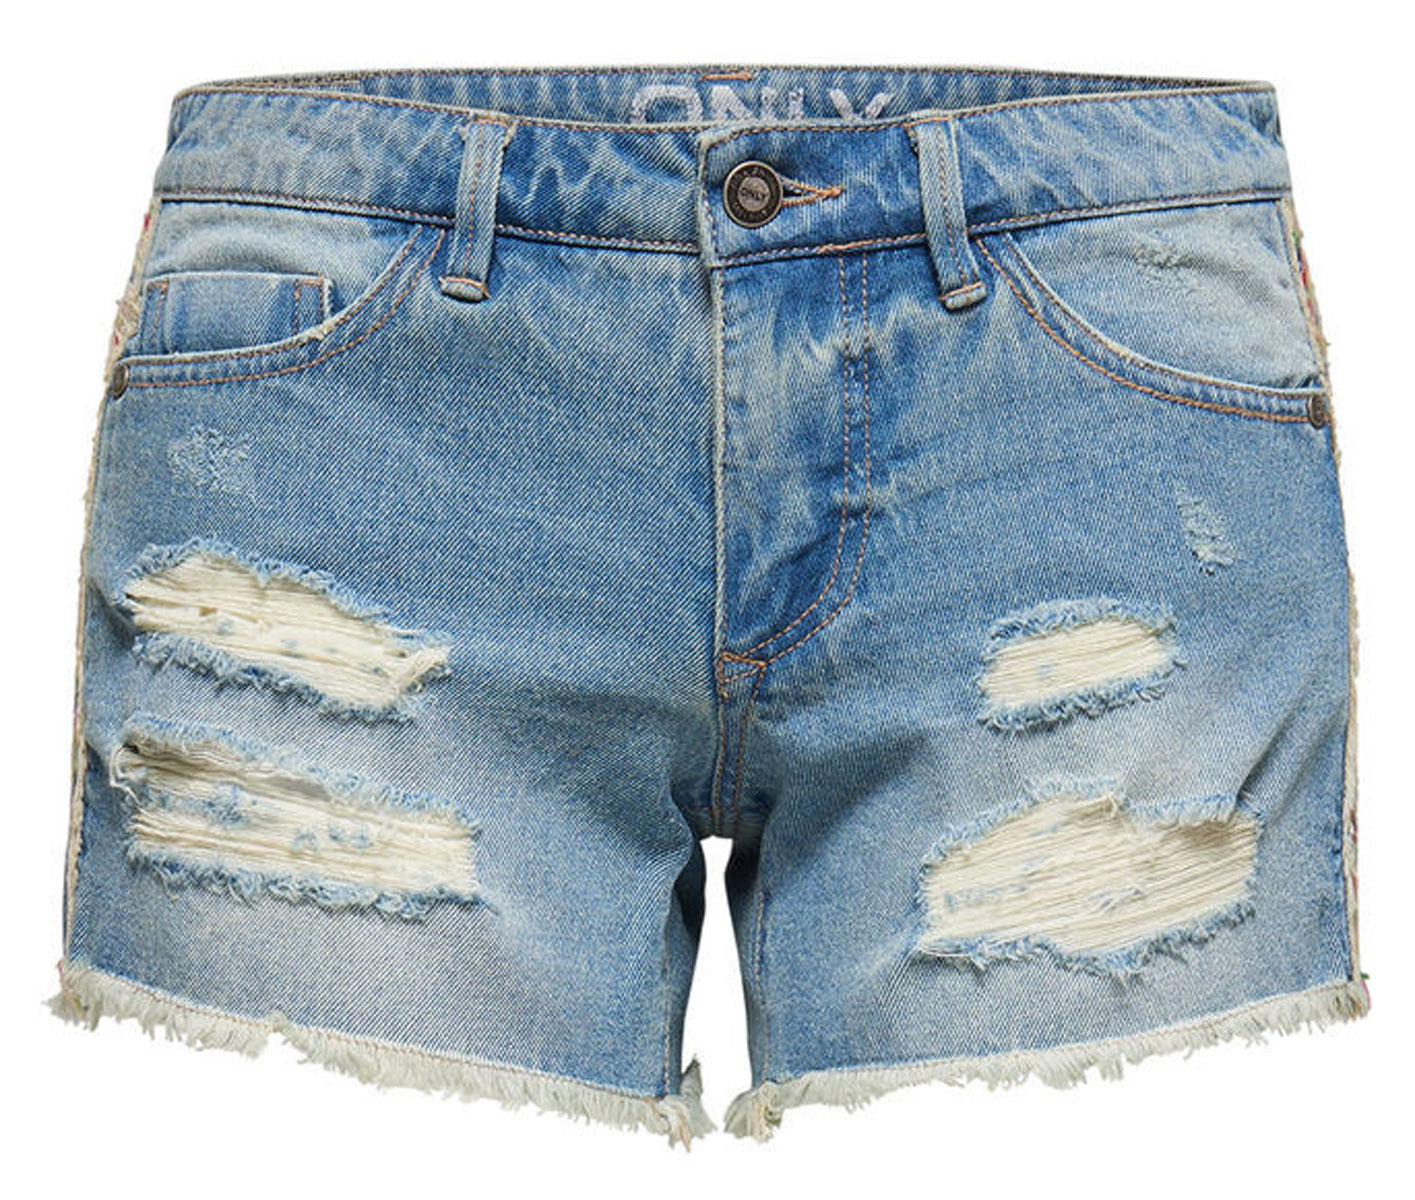 Шорты женские Only, цвет: синий. 15134624_Light Blue Denim. Размер 26 (42)15134624_Light Blue DenimМодные рваные шорты Only помогут создать стильный повседневный образ. Они застегиваются на пуговицу в поясе и ширинку на молнии. Модель имеет среднюю линию талии и классический пятикарманный крой: два втачных кармана и небольшой накладной кармашек спереди, два больших накладных кармана сзади. Пояс дополнен шлевками для ремня и кожаной нашивкой сзади. Сбоку модель украшена разноцветной плетеной лентой.